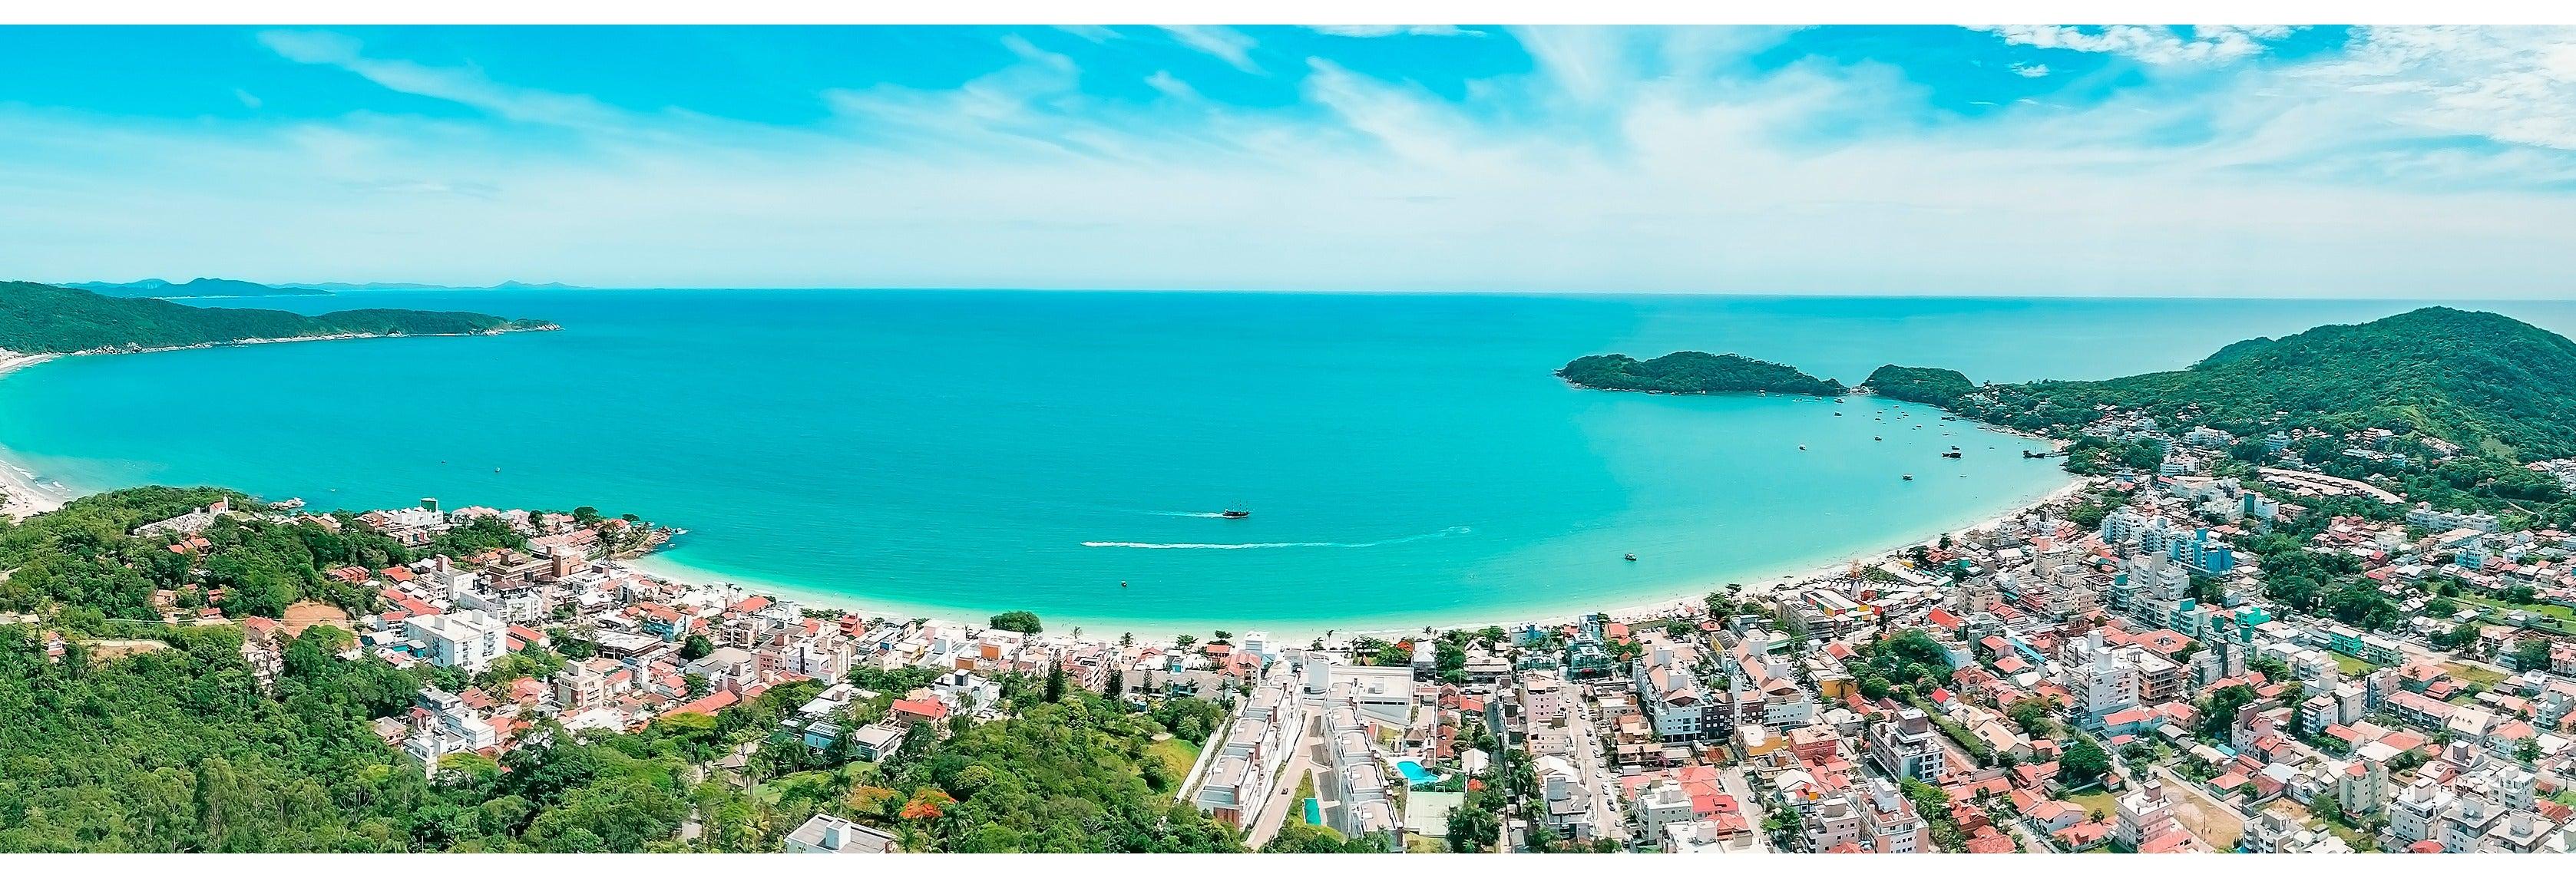 Excursión a las playas de Bombinhas